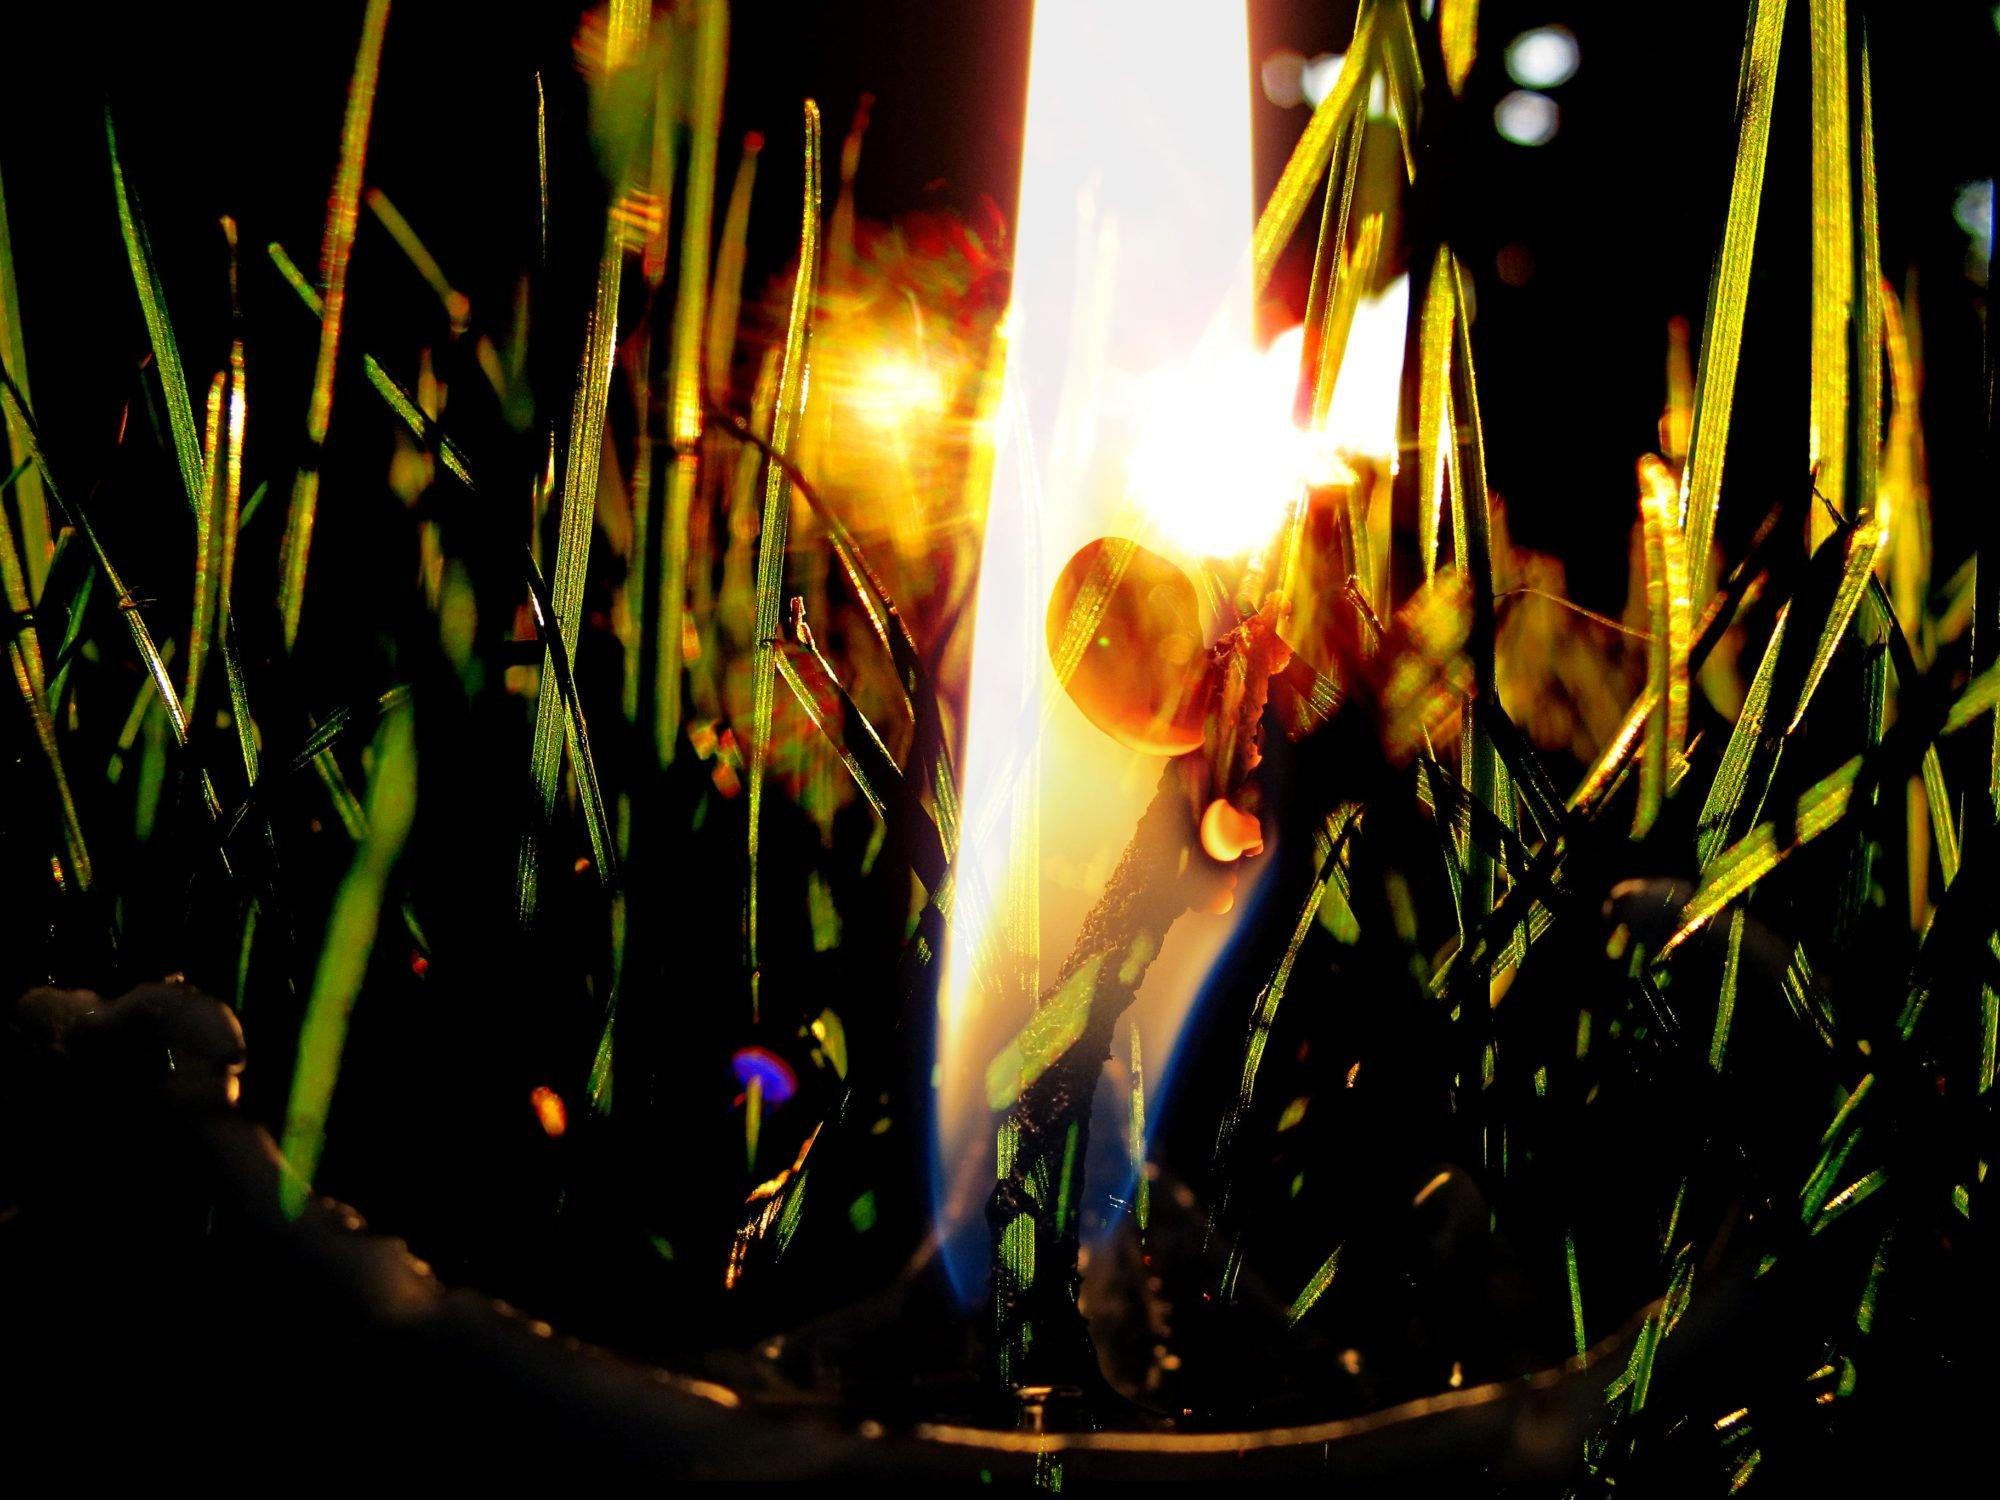 Farbfotografie: in Nahaufnahme gleißendes Sonnenlicht durch ein Büschel Gras